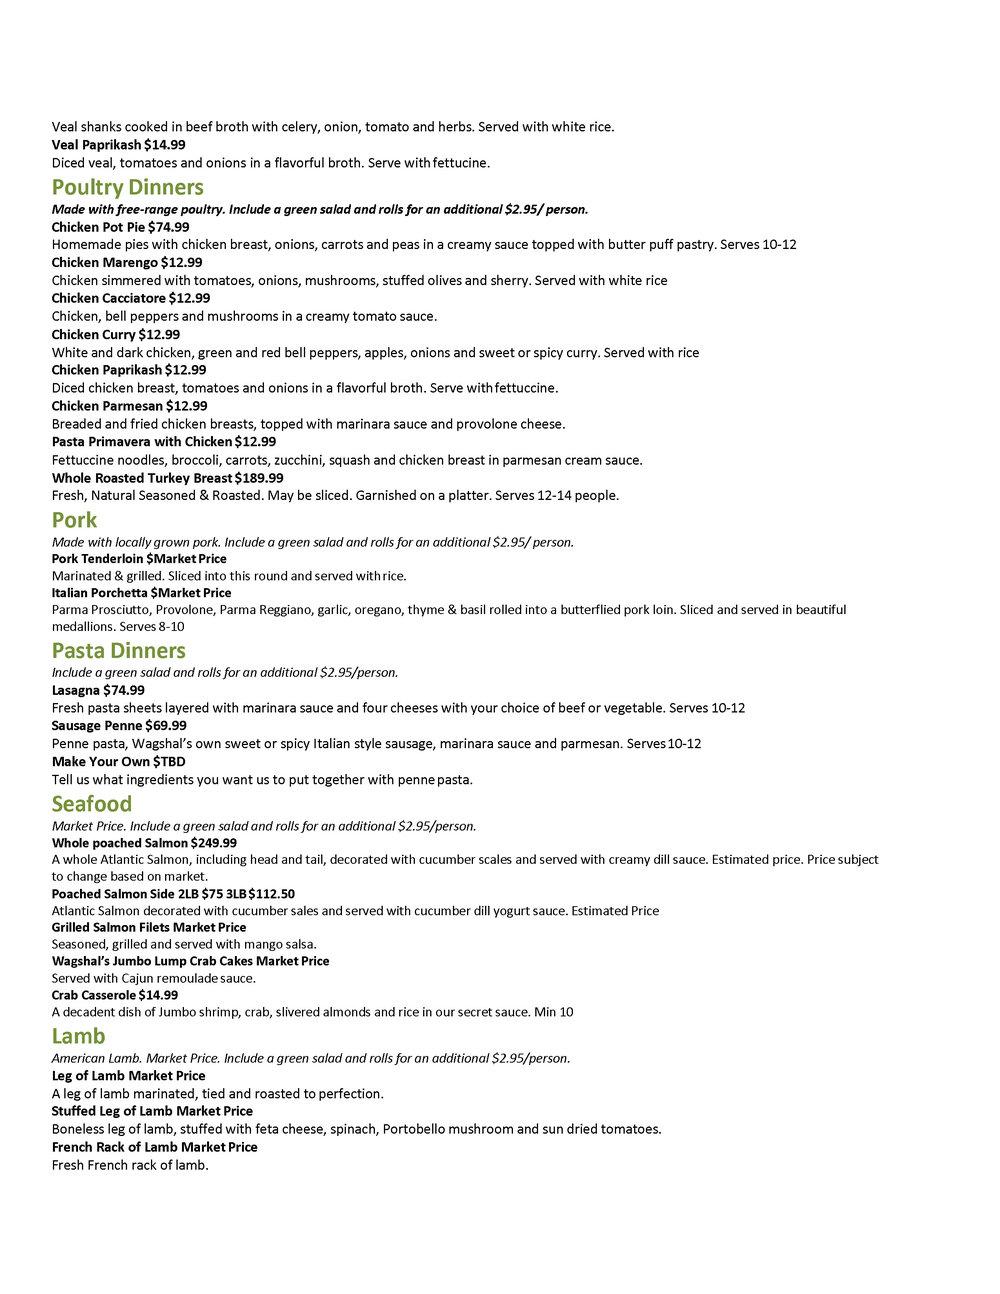 SpringValley Catering Menu_Page_3.jpg